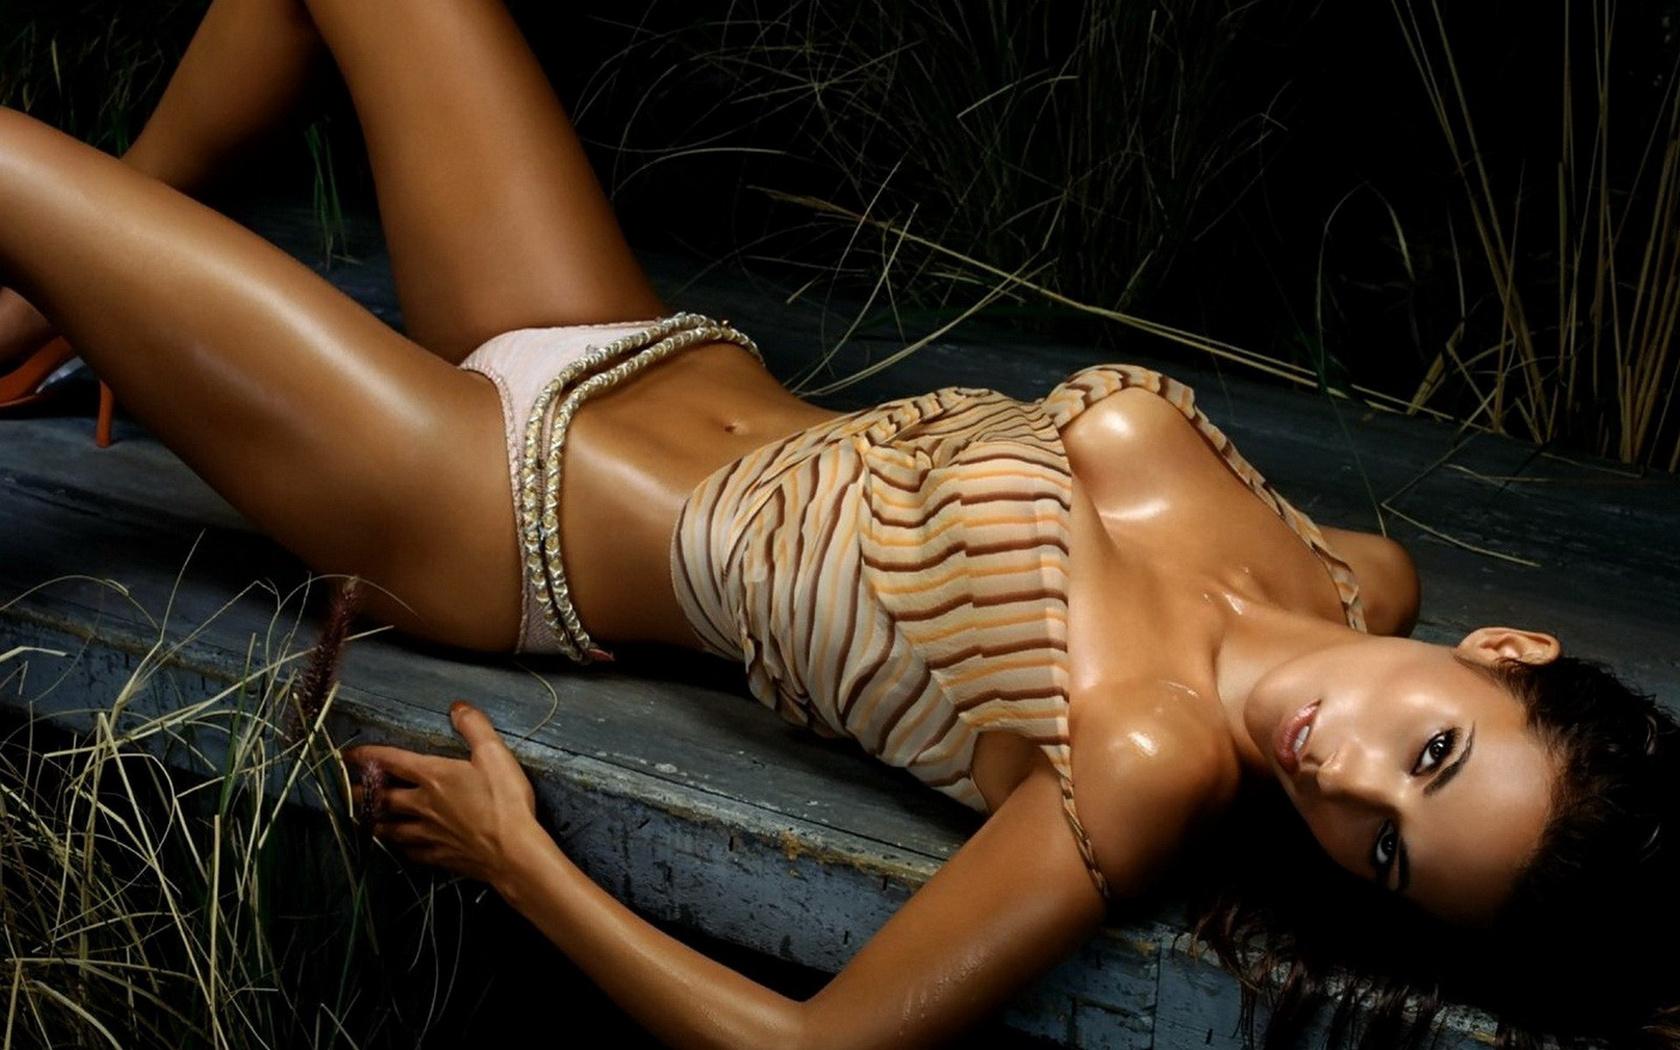 fotomodel-foto-golaya-bolshaya-grud-v-reklame-nizhnego-belya-foto